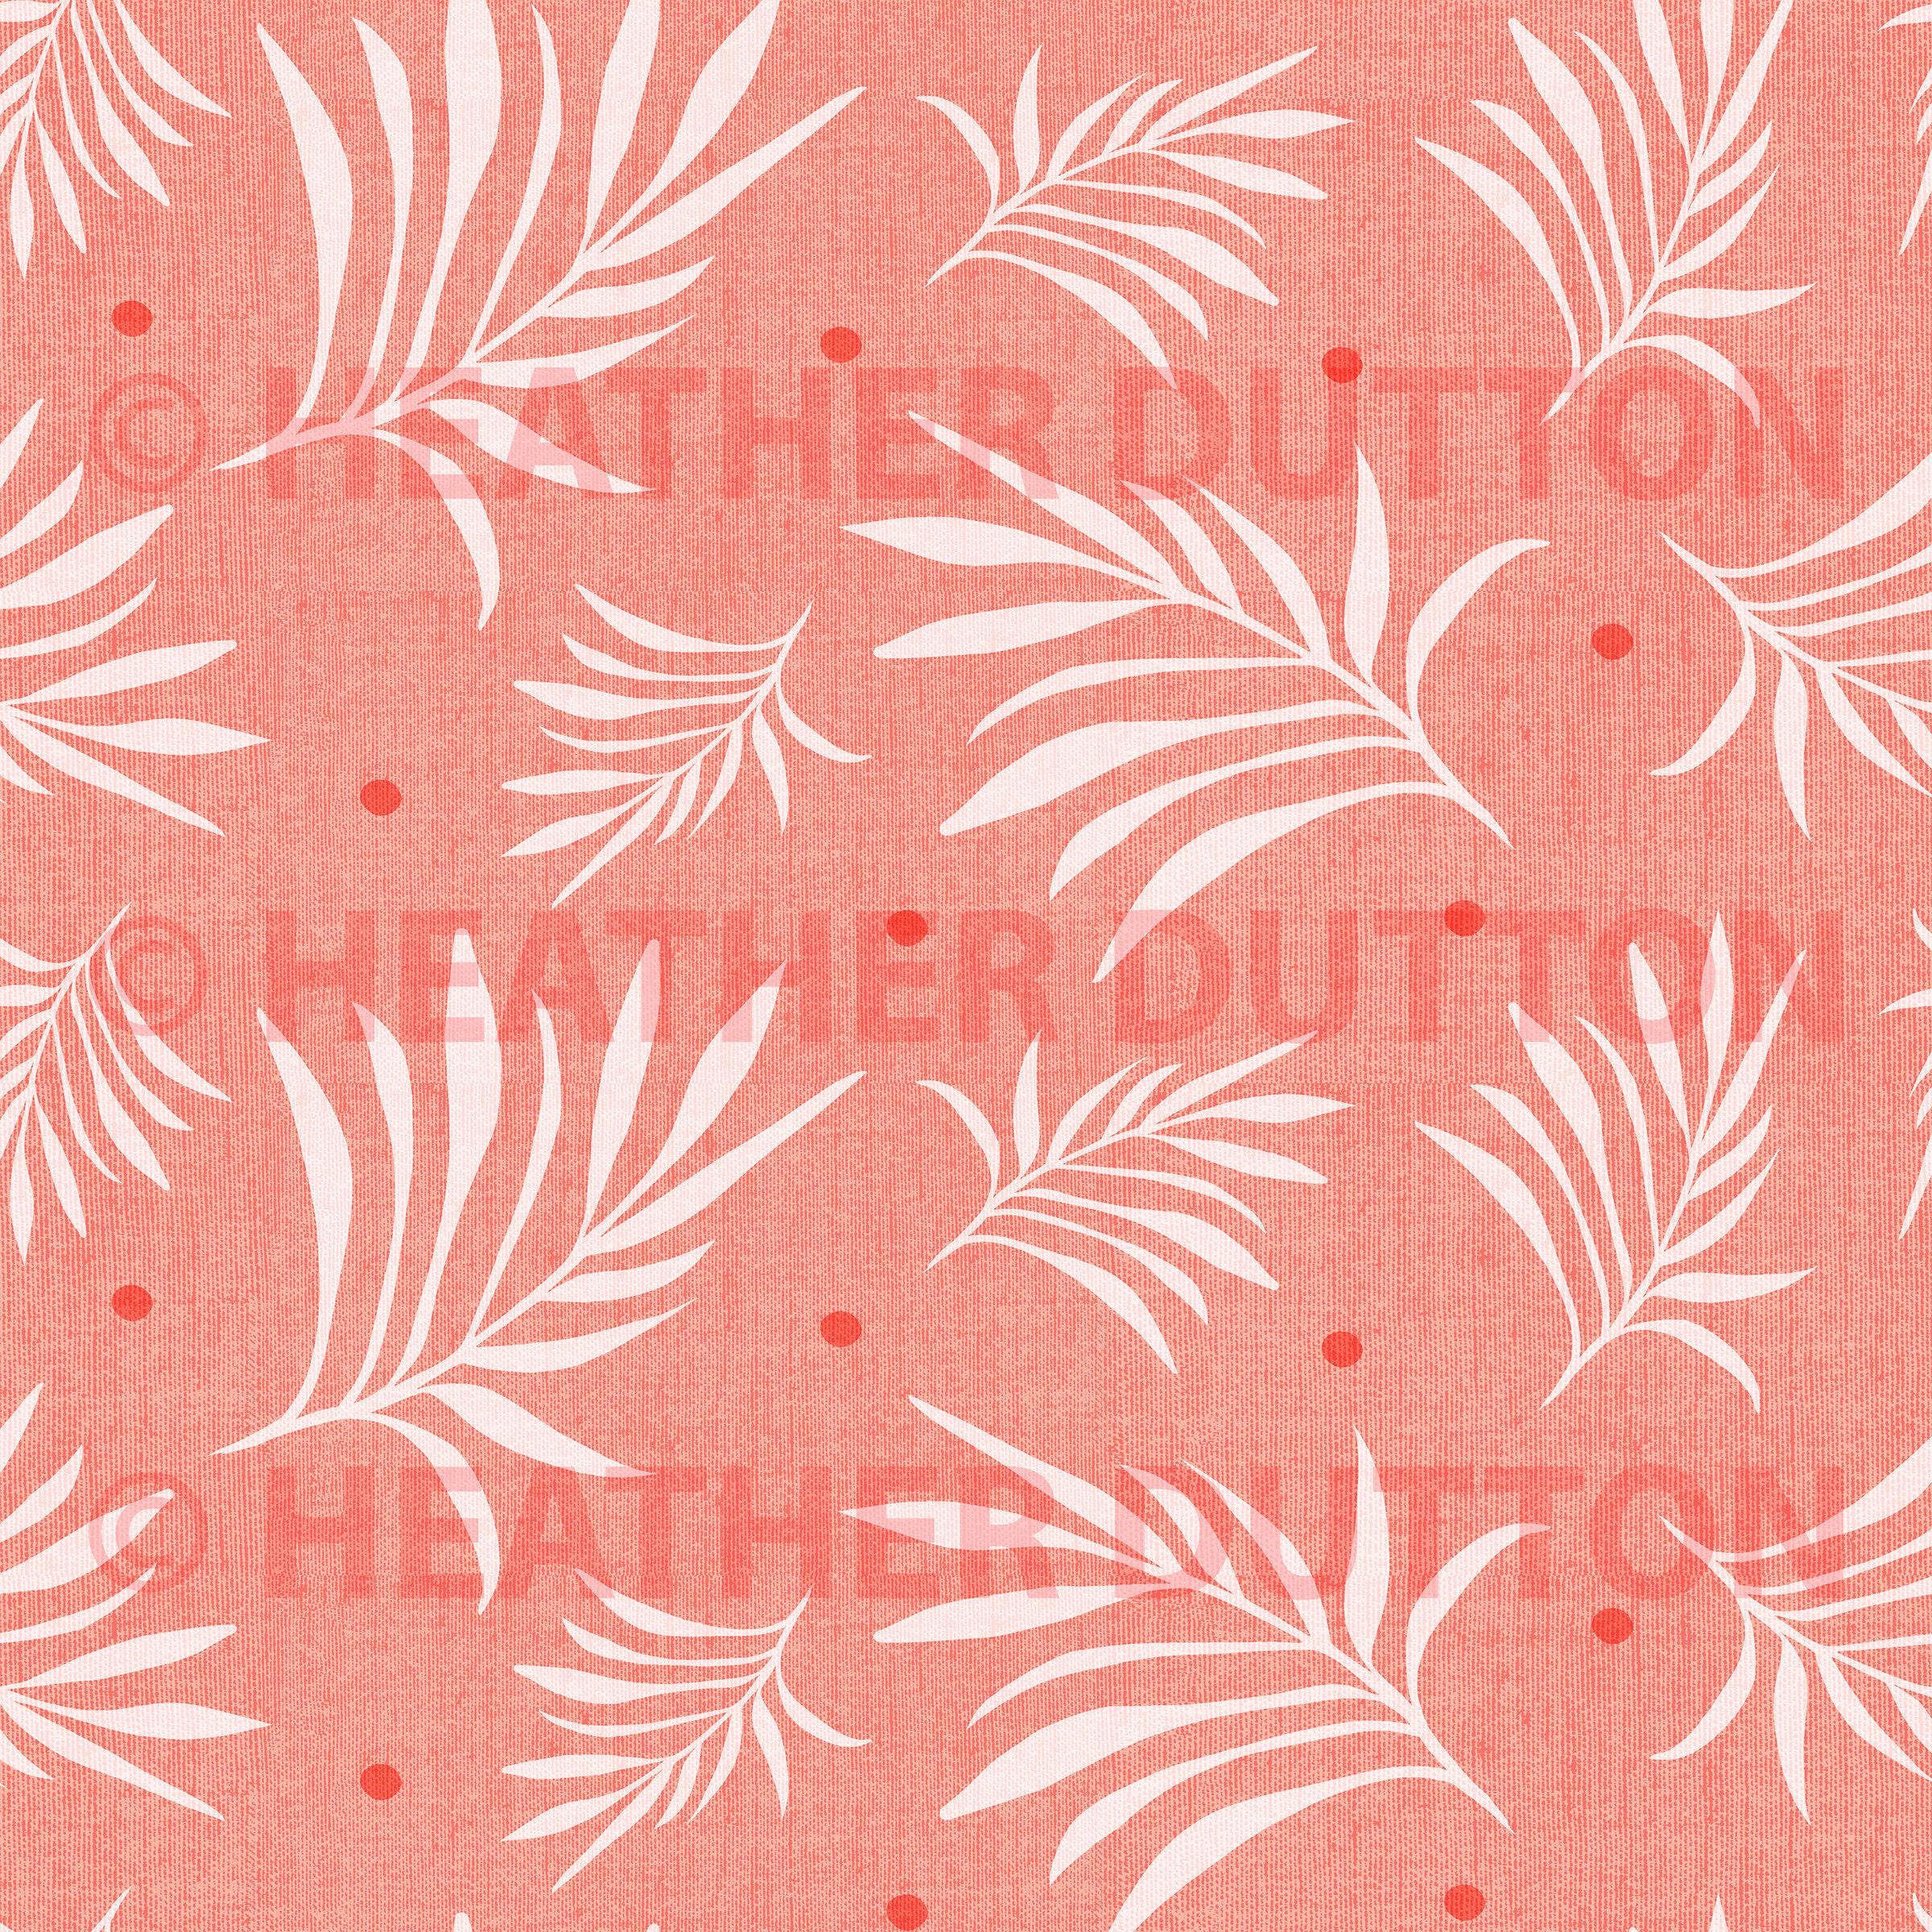 Couverture de couette tropicale / couette légère / Duvet Cover Queen / Duvet Cover King / Beach House Decor / Tropical Print Bedding / Summer Duvet